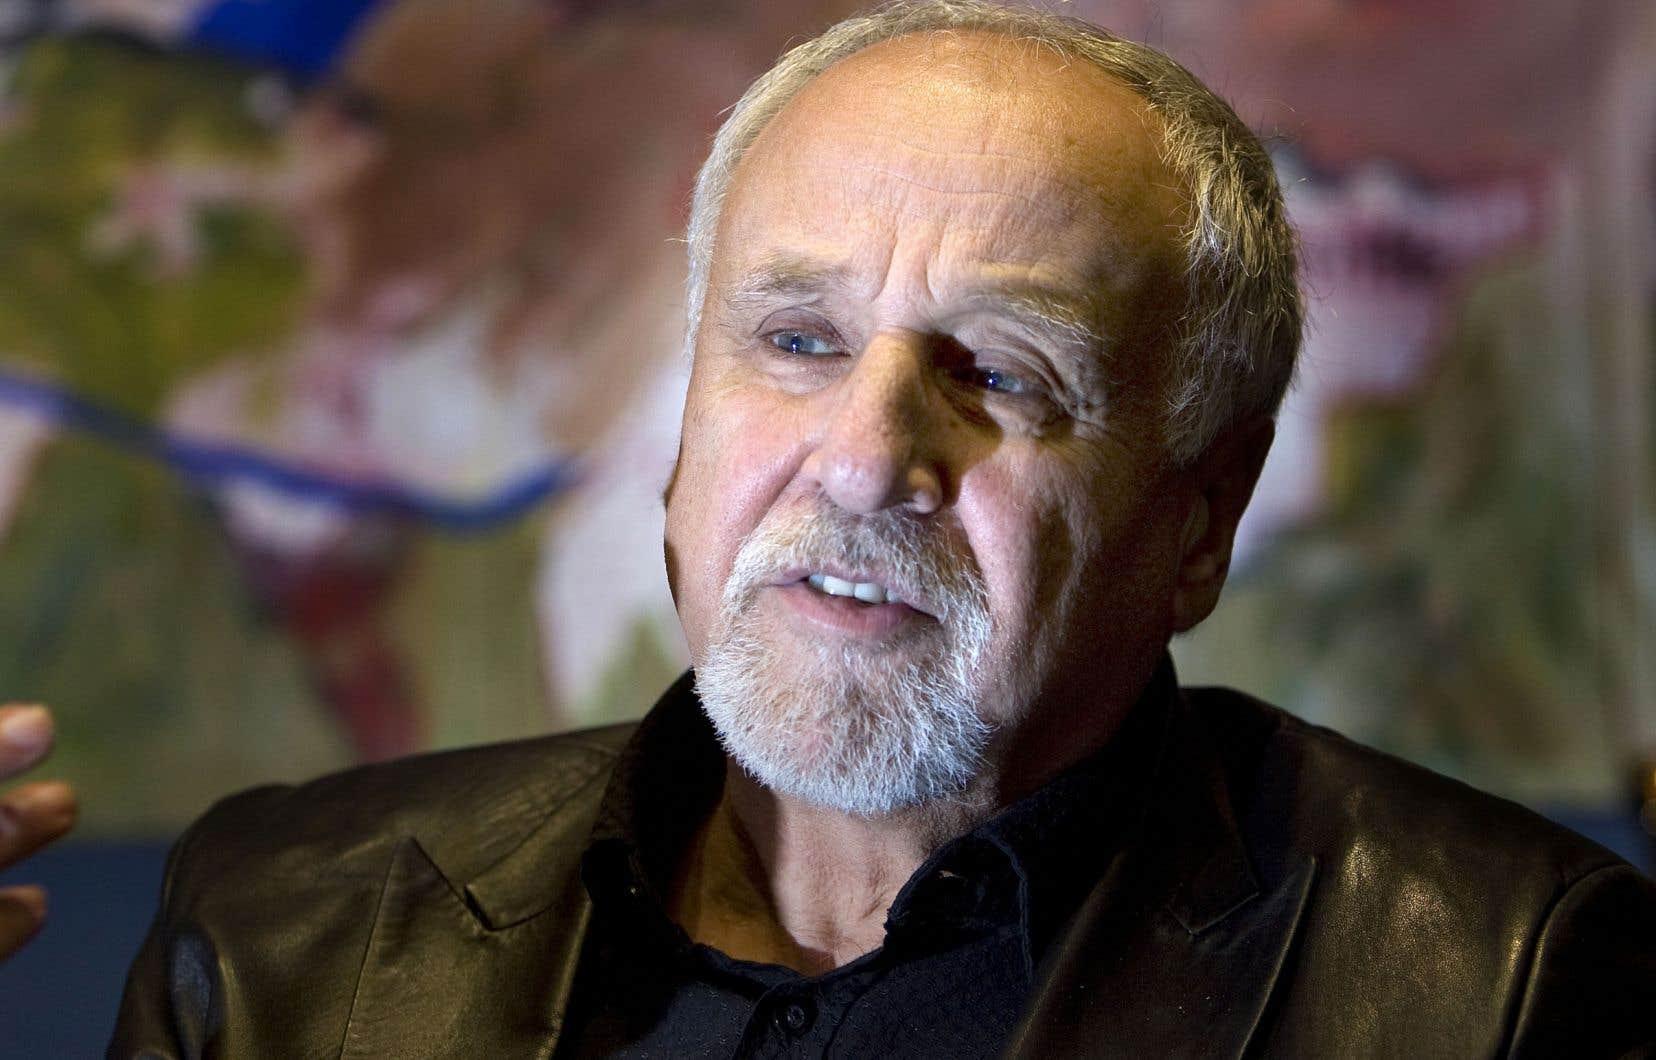 François Macerola, photographié en 2010